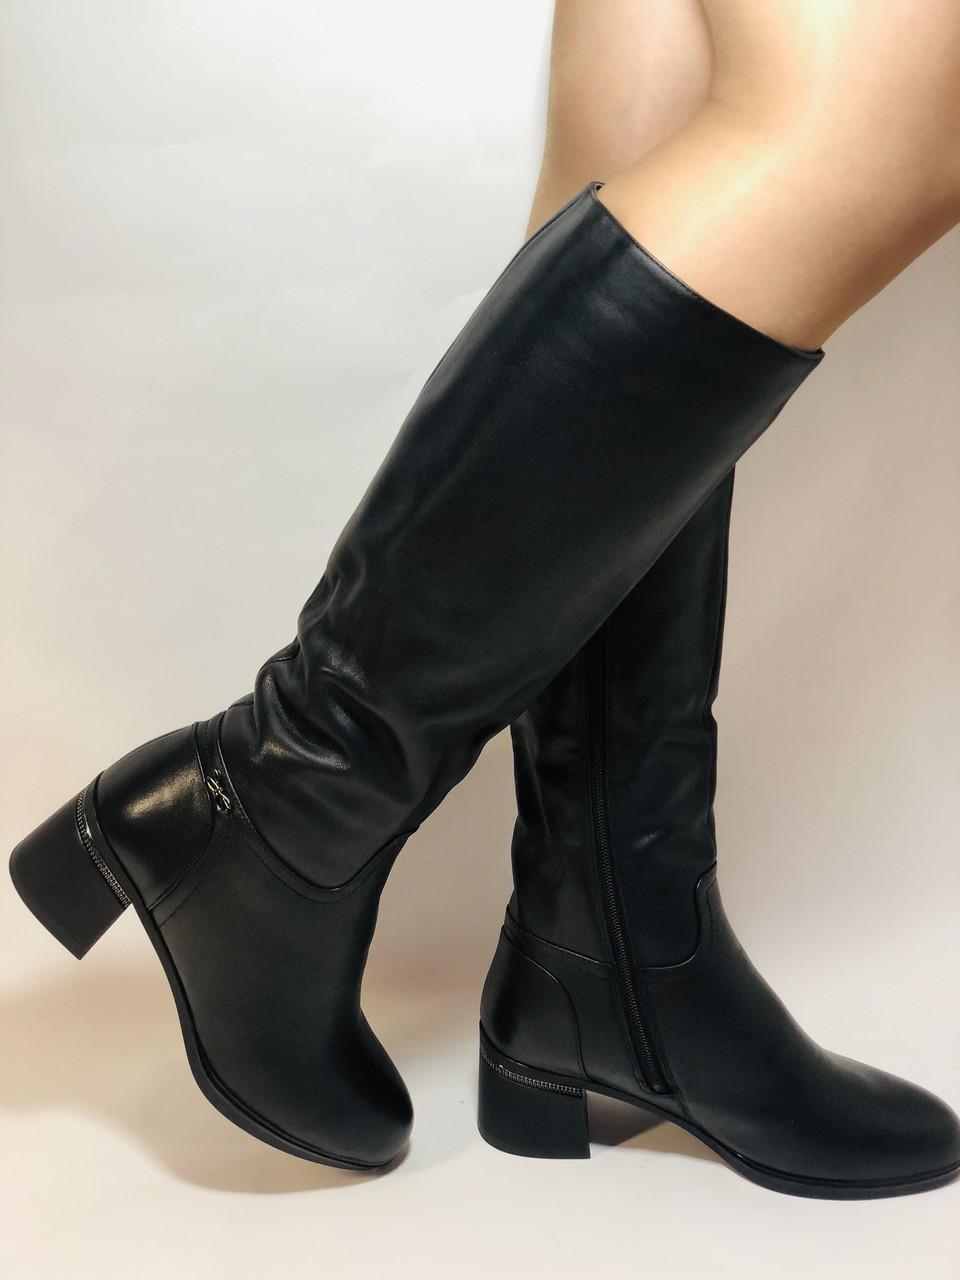 Натуральне хутро. Зимові чобітки на вузьку ногу. Натуральна шкіра. Люкс якість. Erisses. Р. 37-40